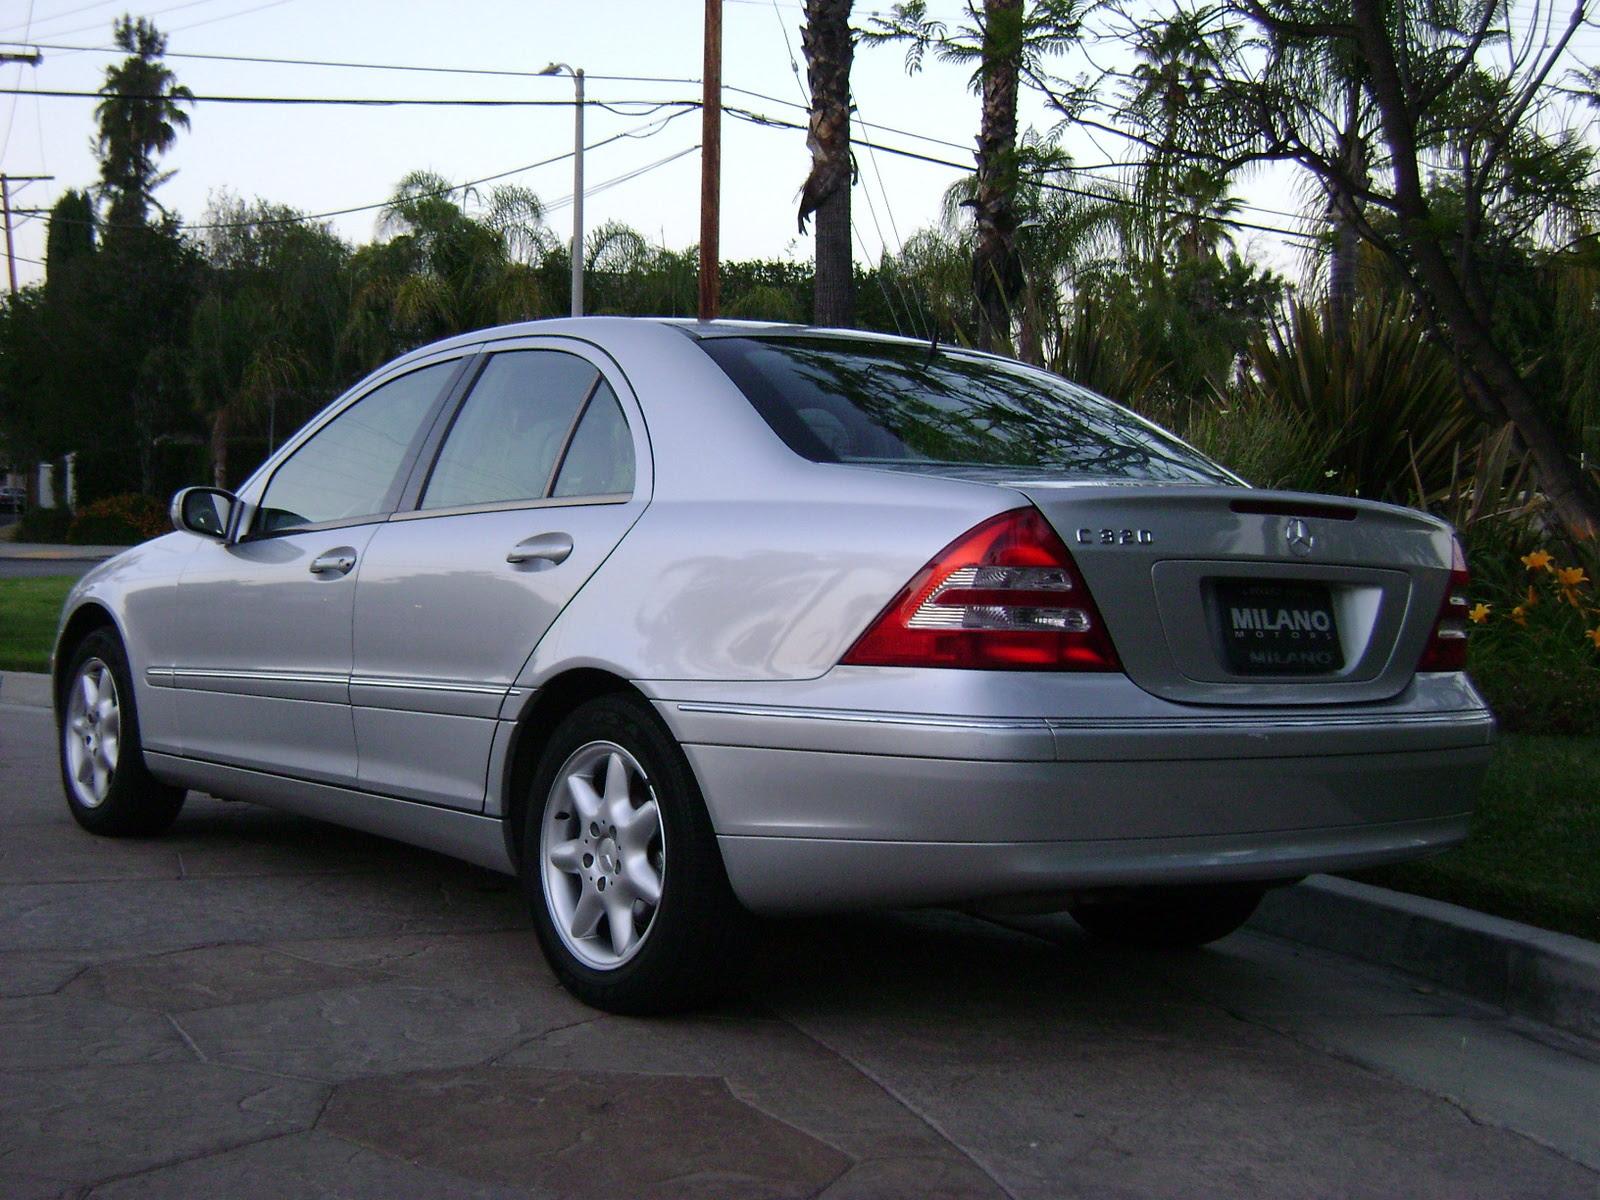 2001 Mercedes-Benz C-Class - Pictures - CarGurus